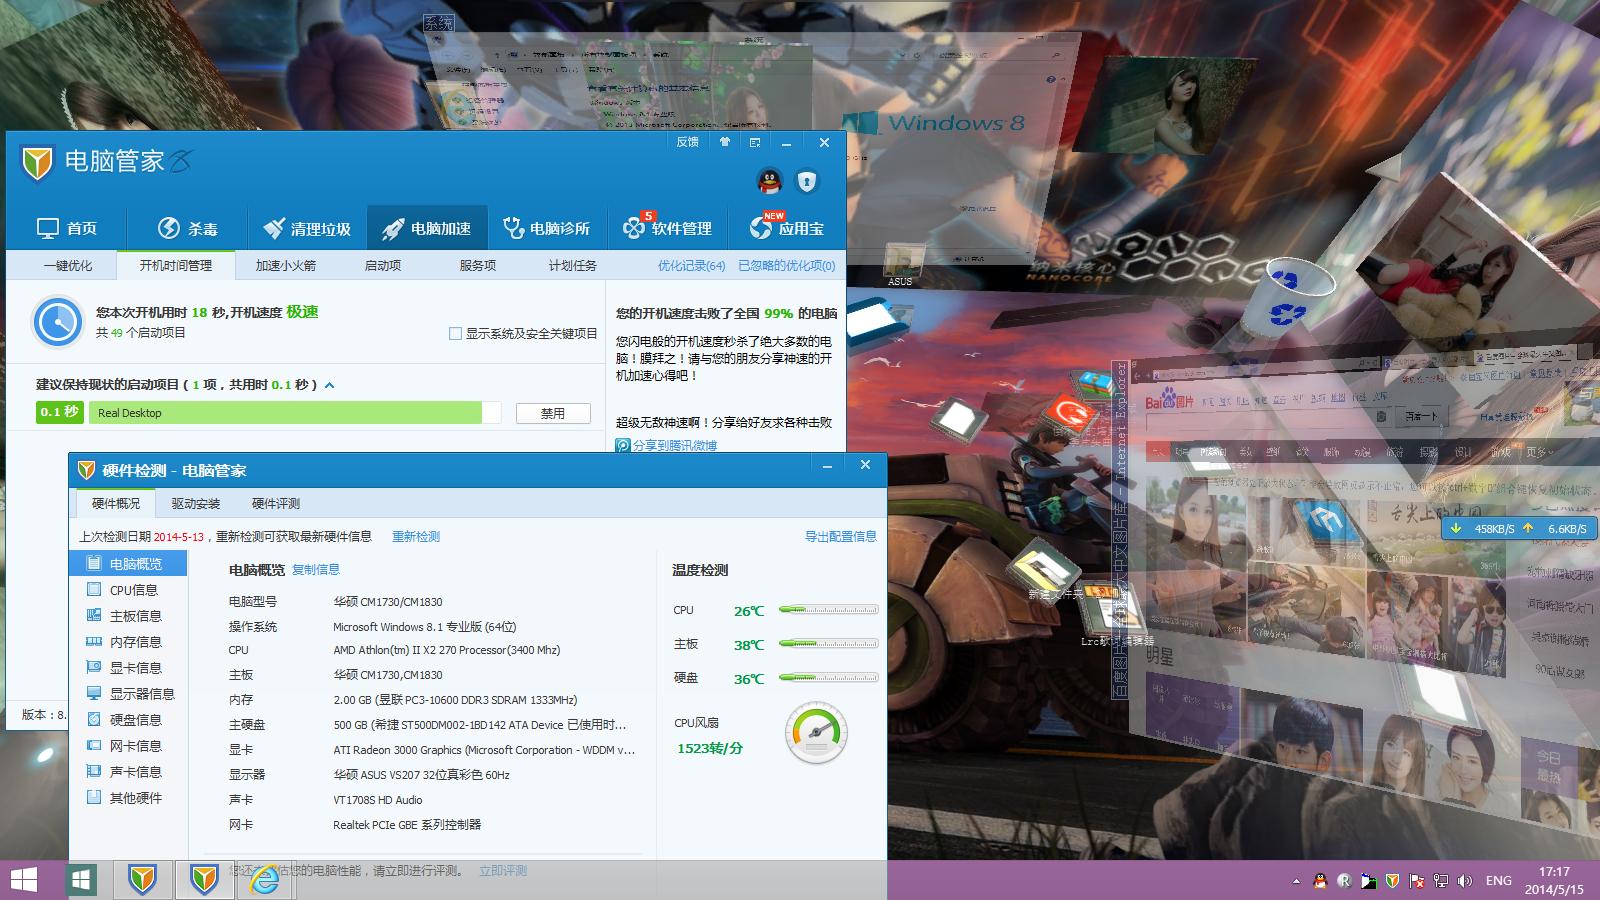 日本色图压缩包下载_我手机下载了一个rar软件压缩包,解压后却打不开里面那exe程序